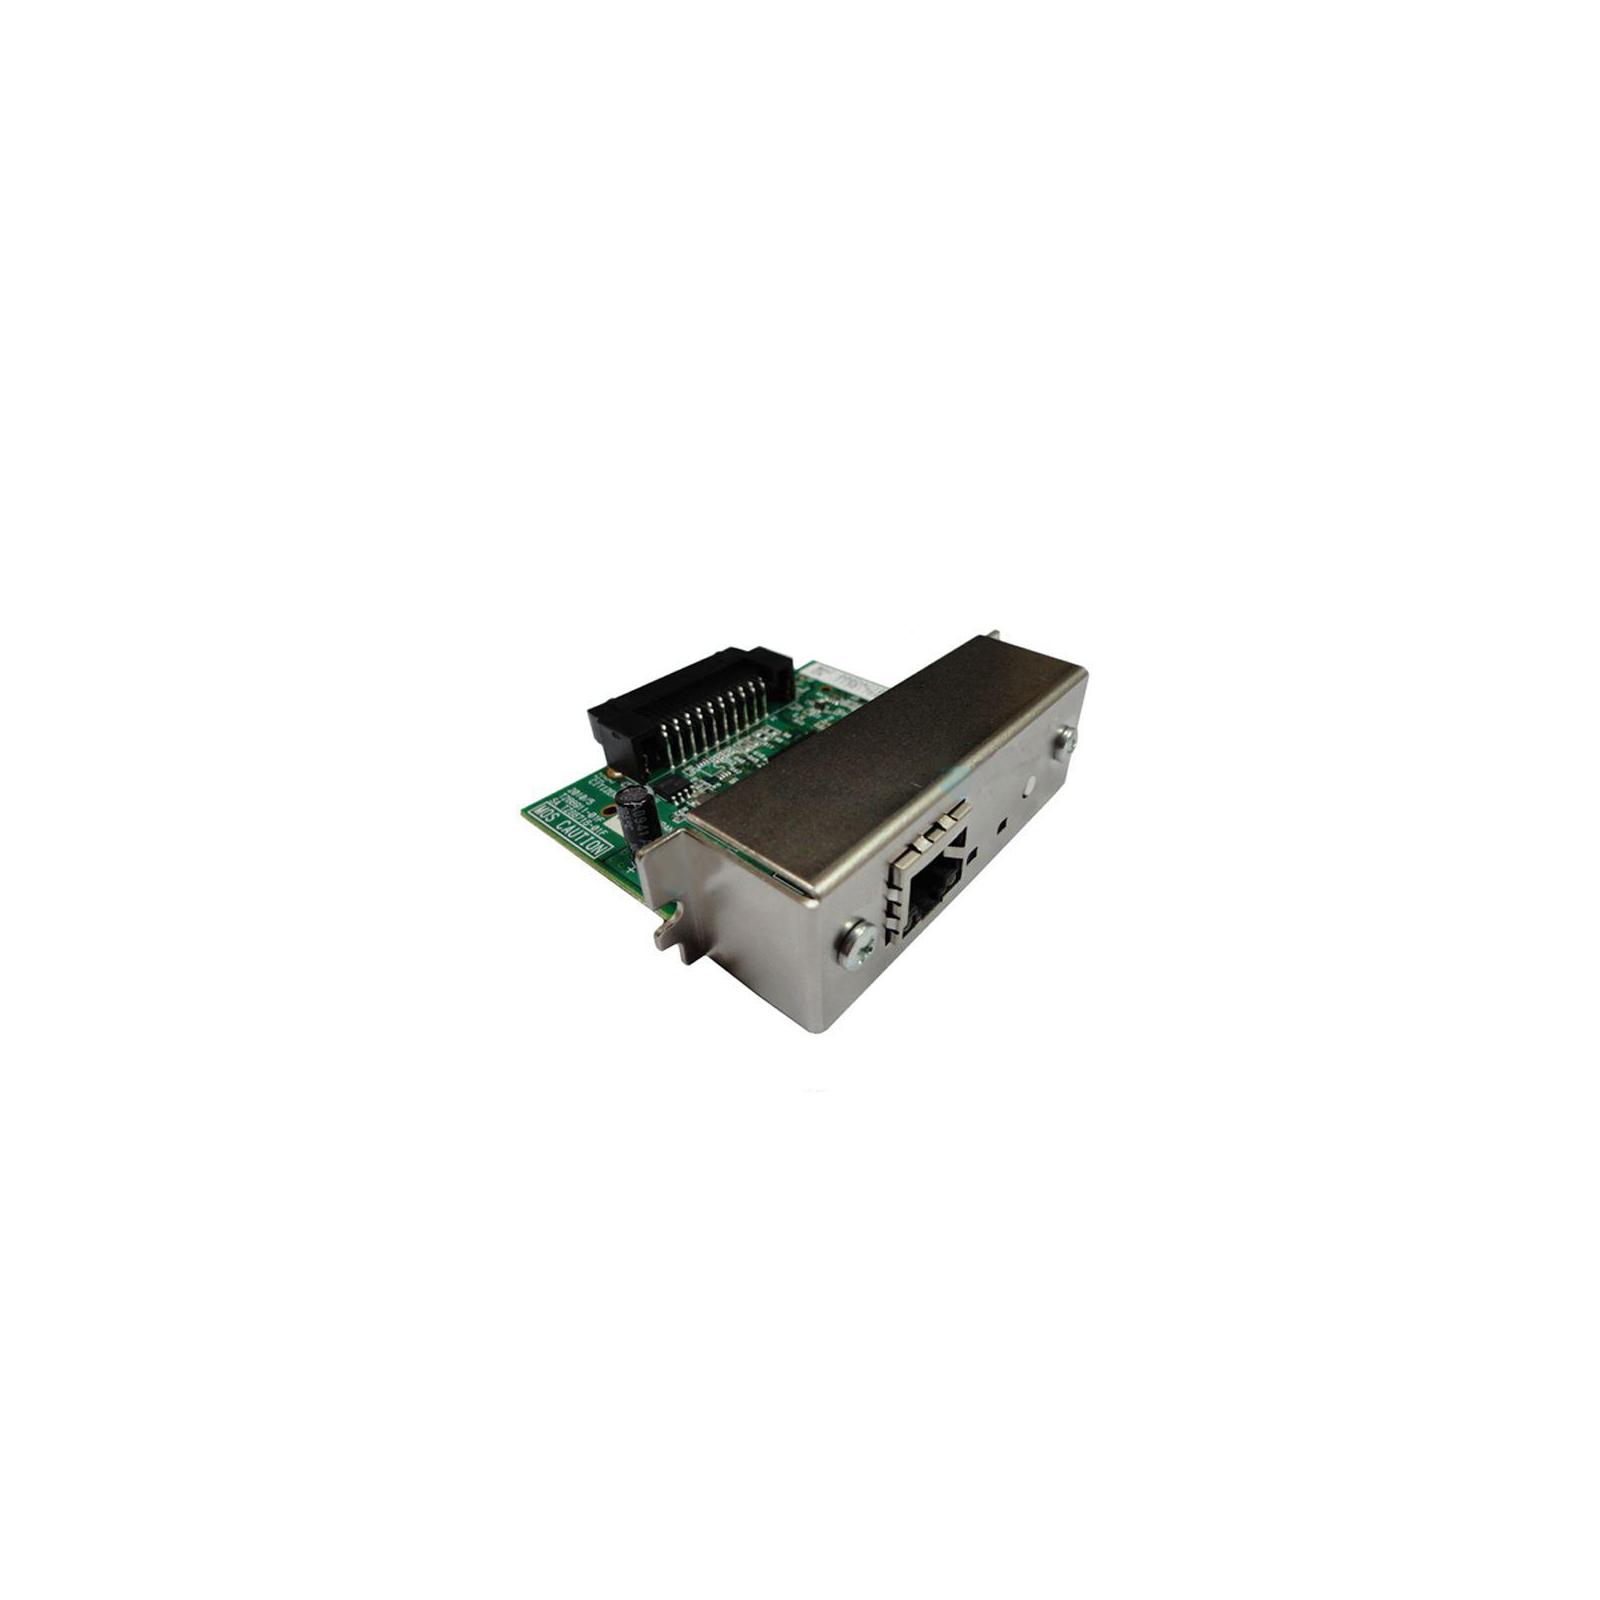 Сетевая карта для термопринтера Citizen CT-S600/800, CL-S400DT, CL-S6621 (TZ66805-0)